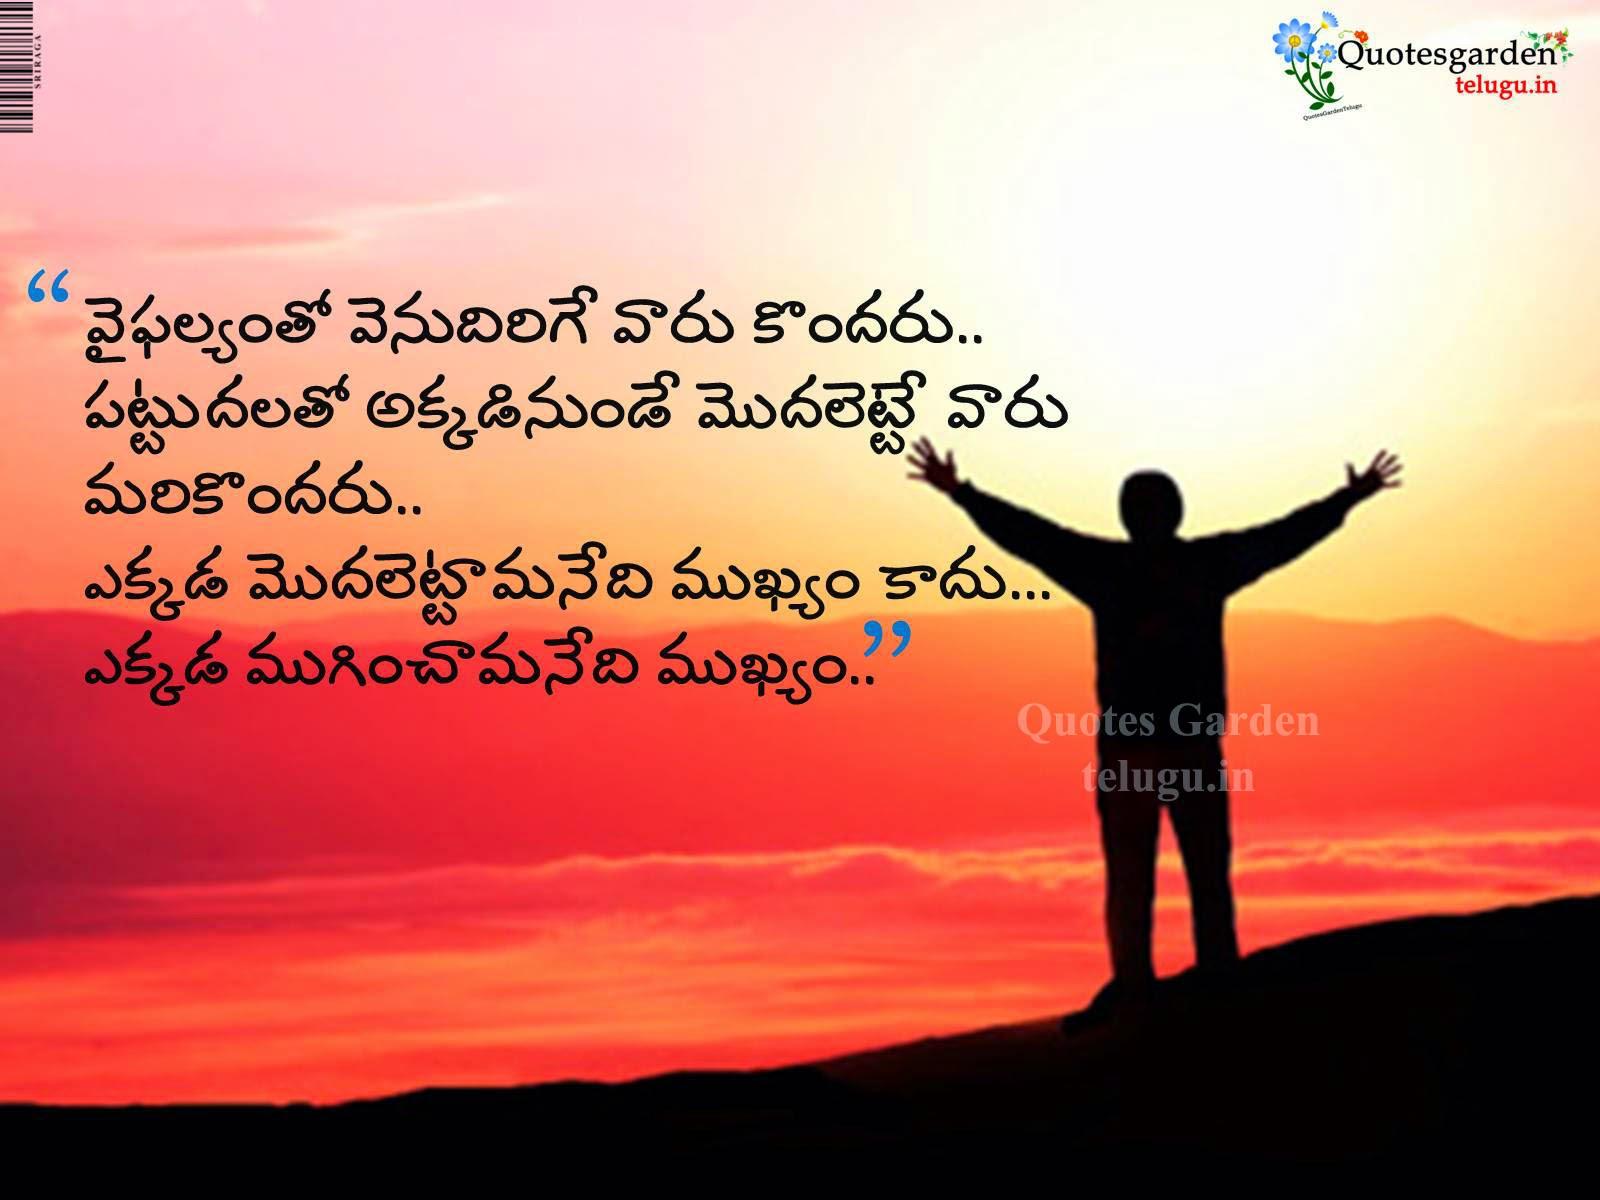 best telugu quotes inspirational telugu quotes top